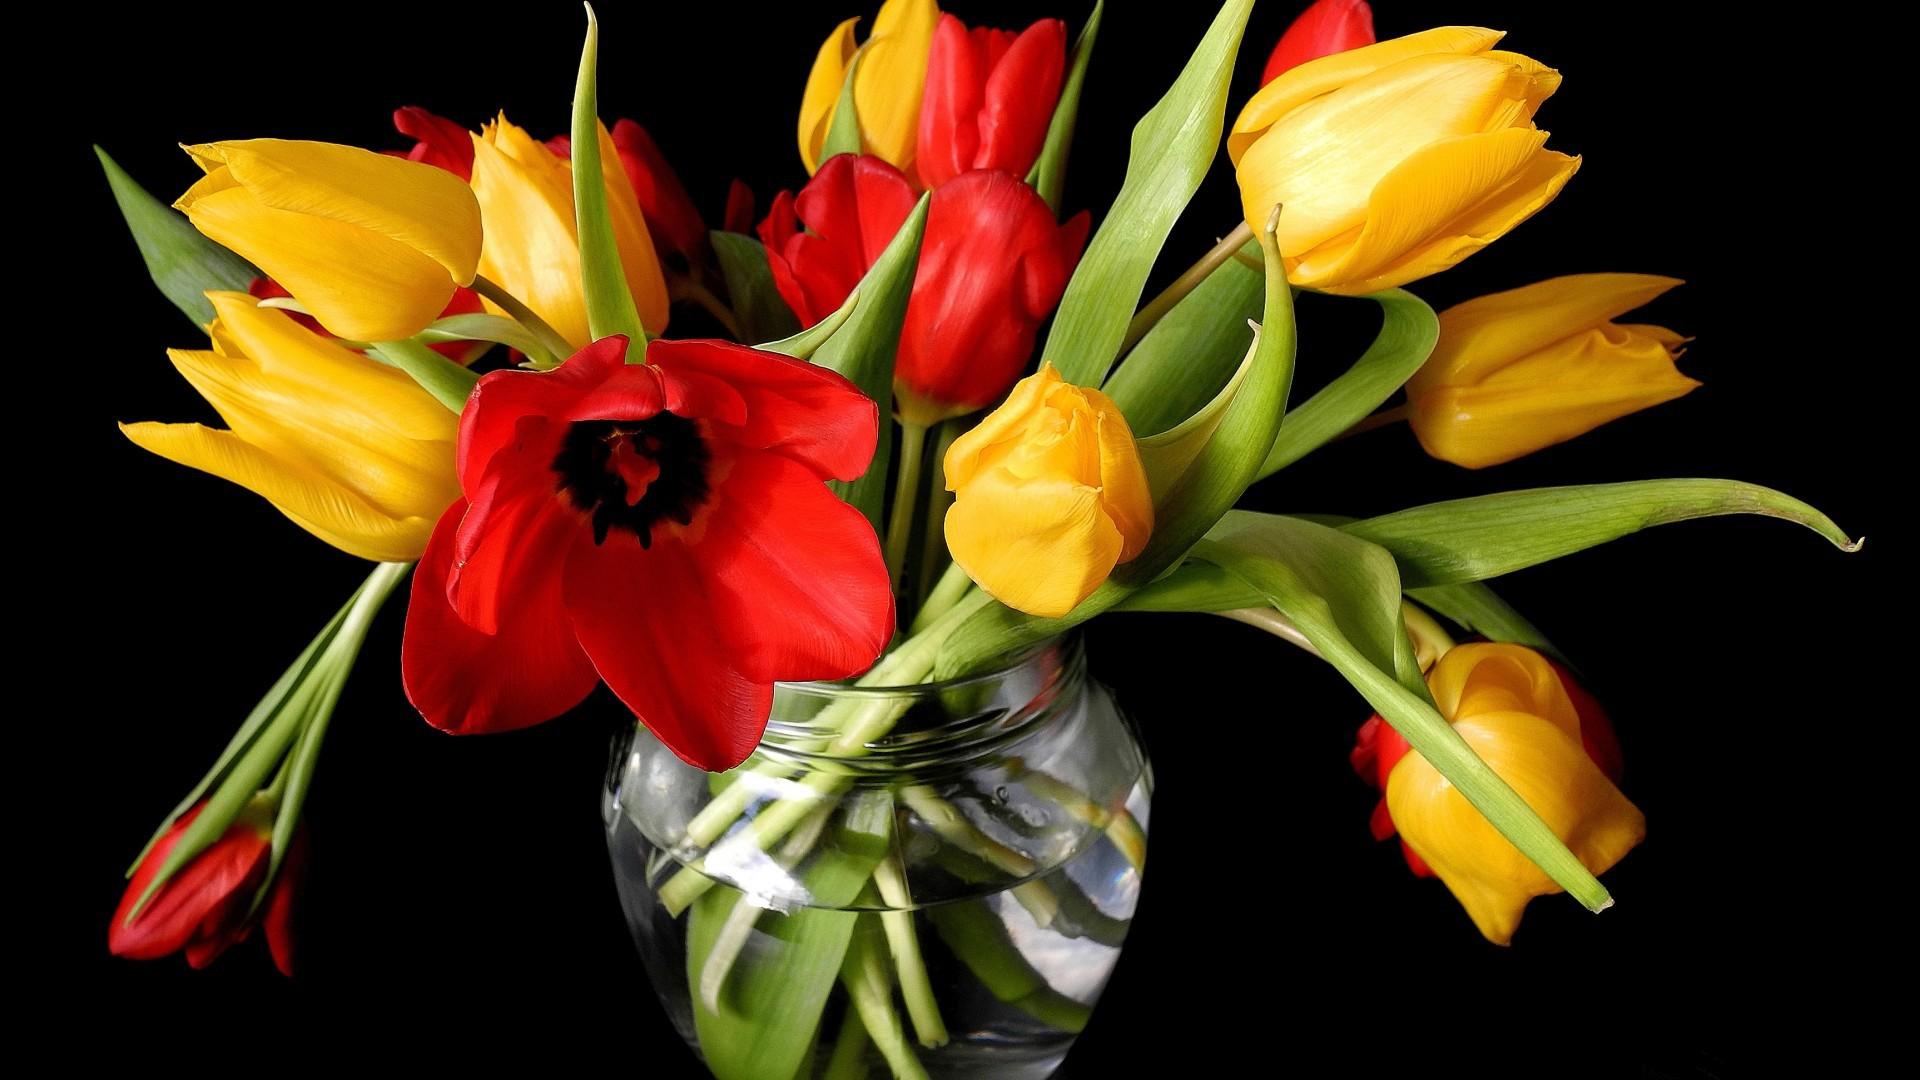 Открытки и фото тюльпаны, прикольные для мужчины